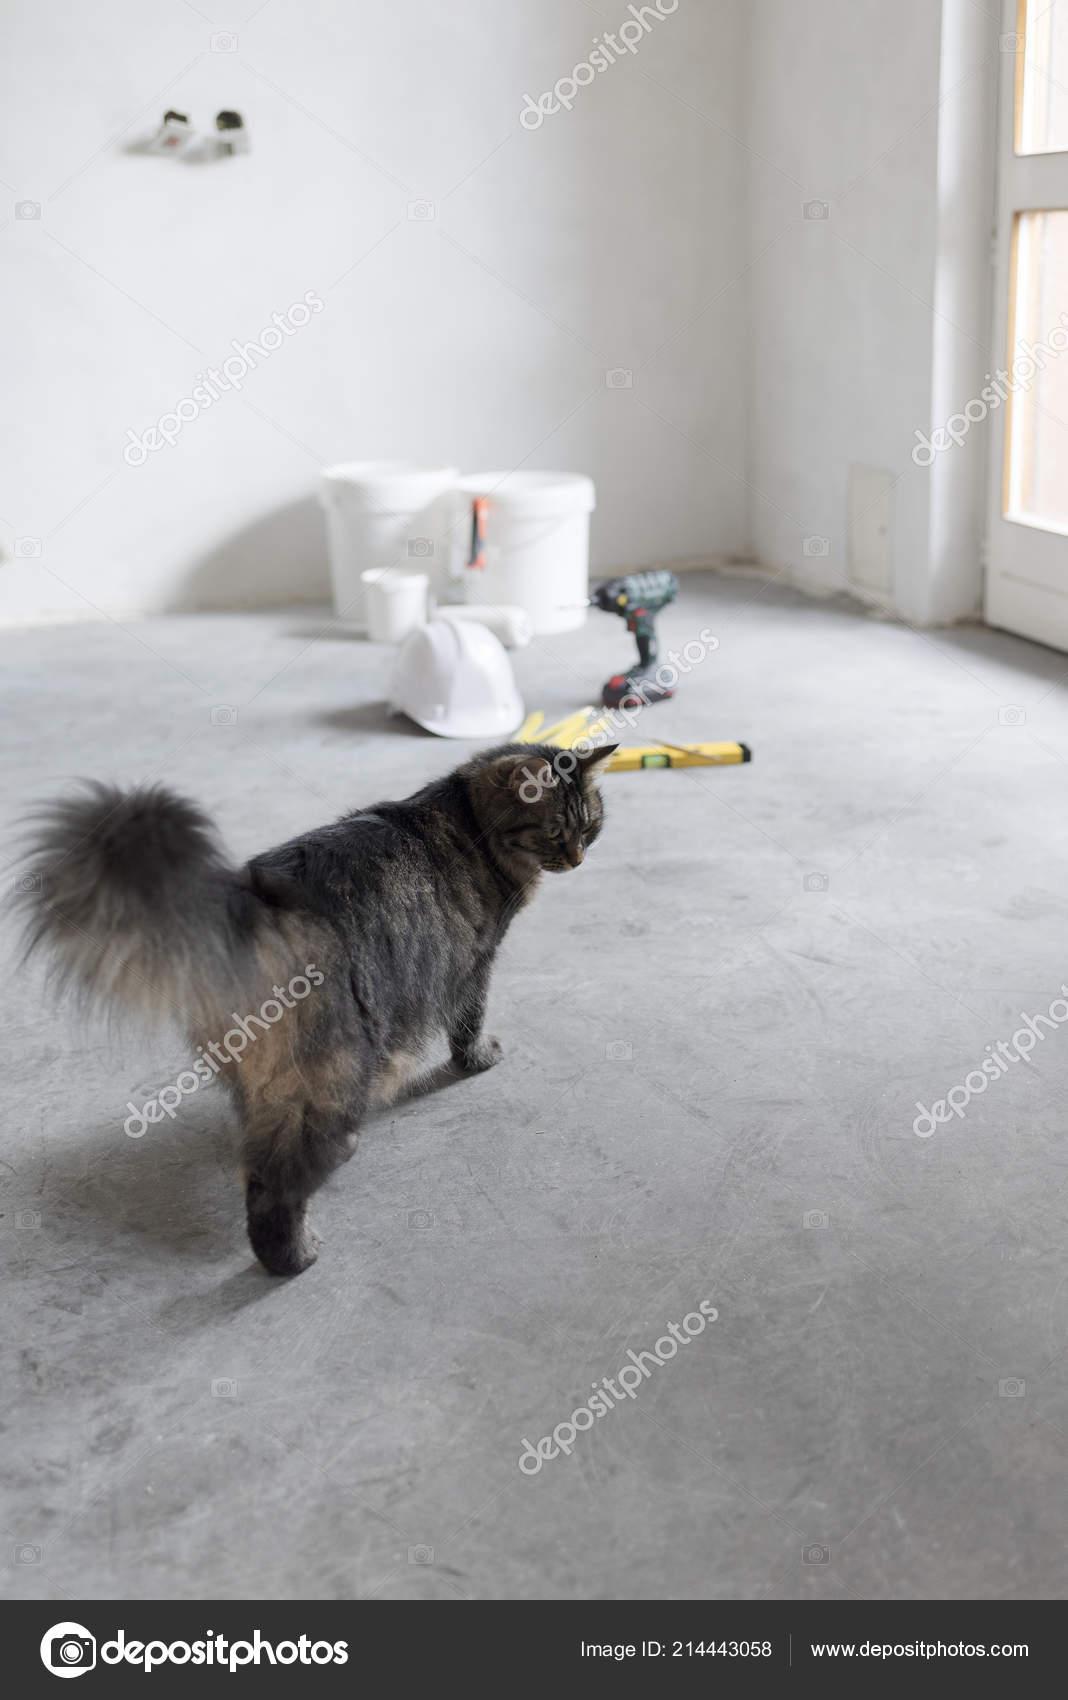 d7b869acee98 Χαριτωμένα μακριά μαλλιά γάτα να εξερευνήσετε ένα υπό κατασκευή δωμάτιο στο  σπίτι — Εικόνα από ...